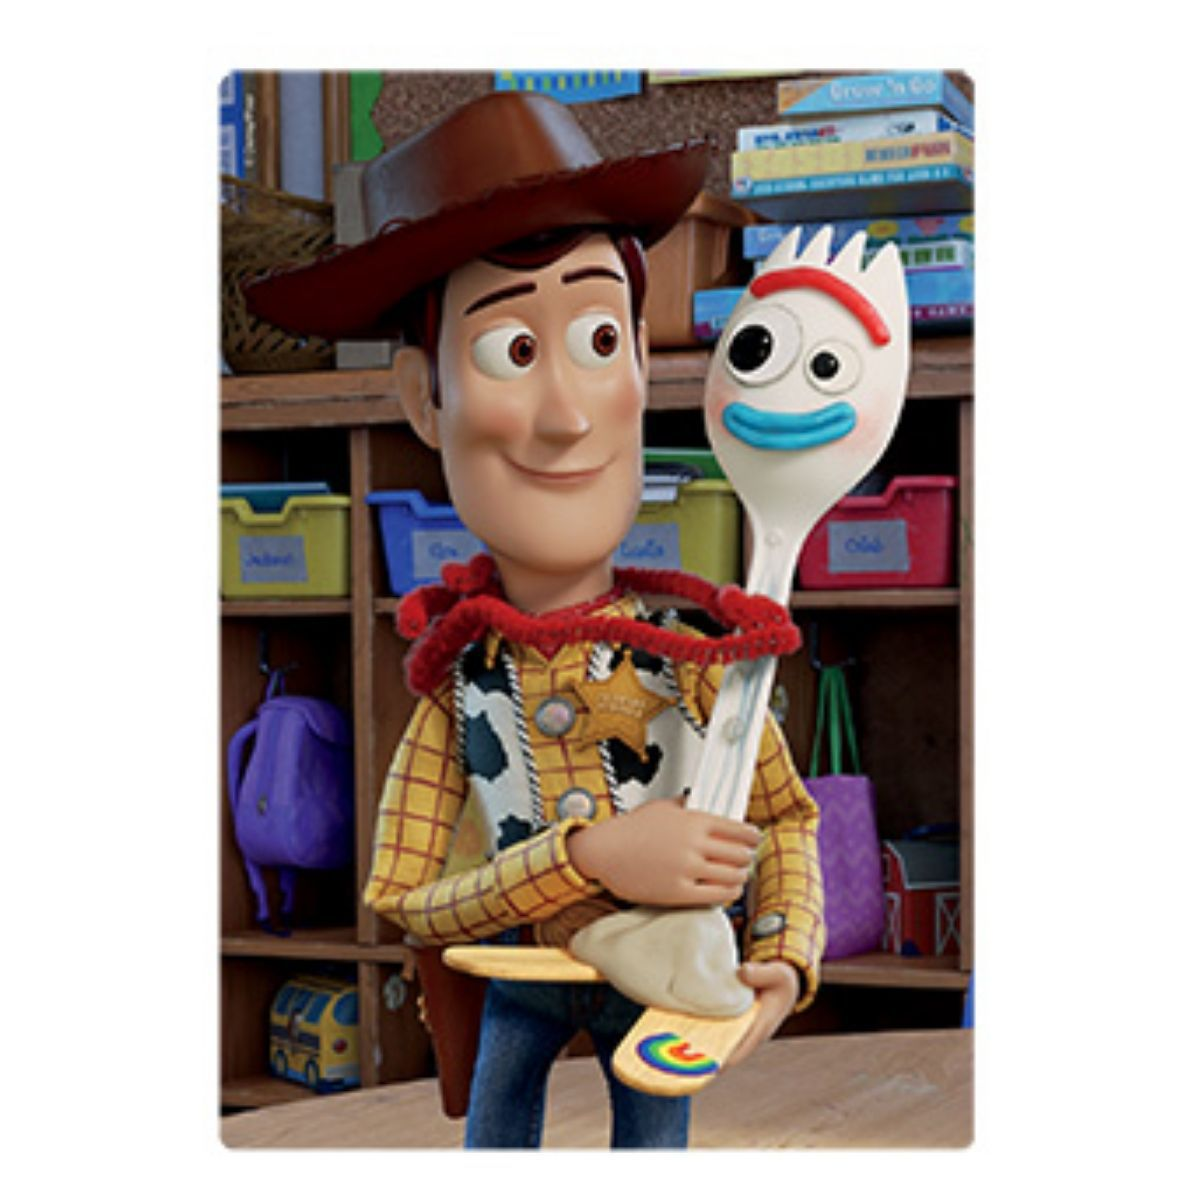 Quebra Cabeça Infantil 60 peças Toy Story Woody  - Game Land Brinquedos